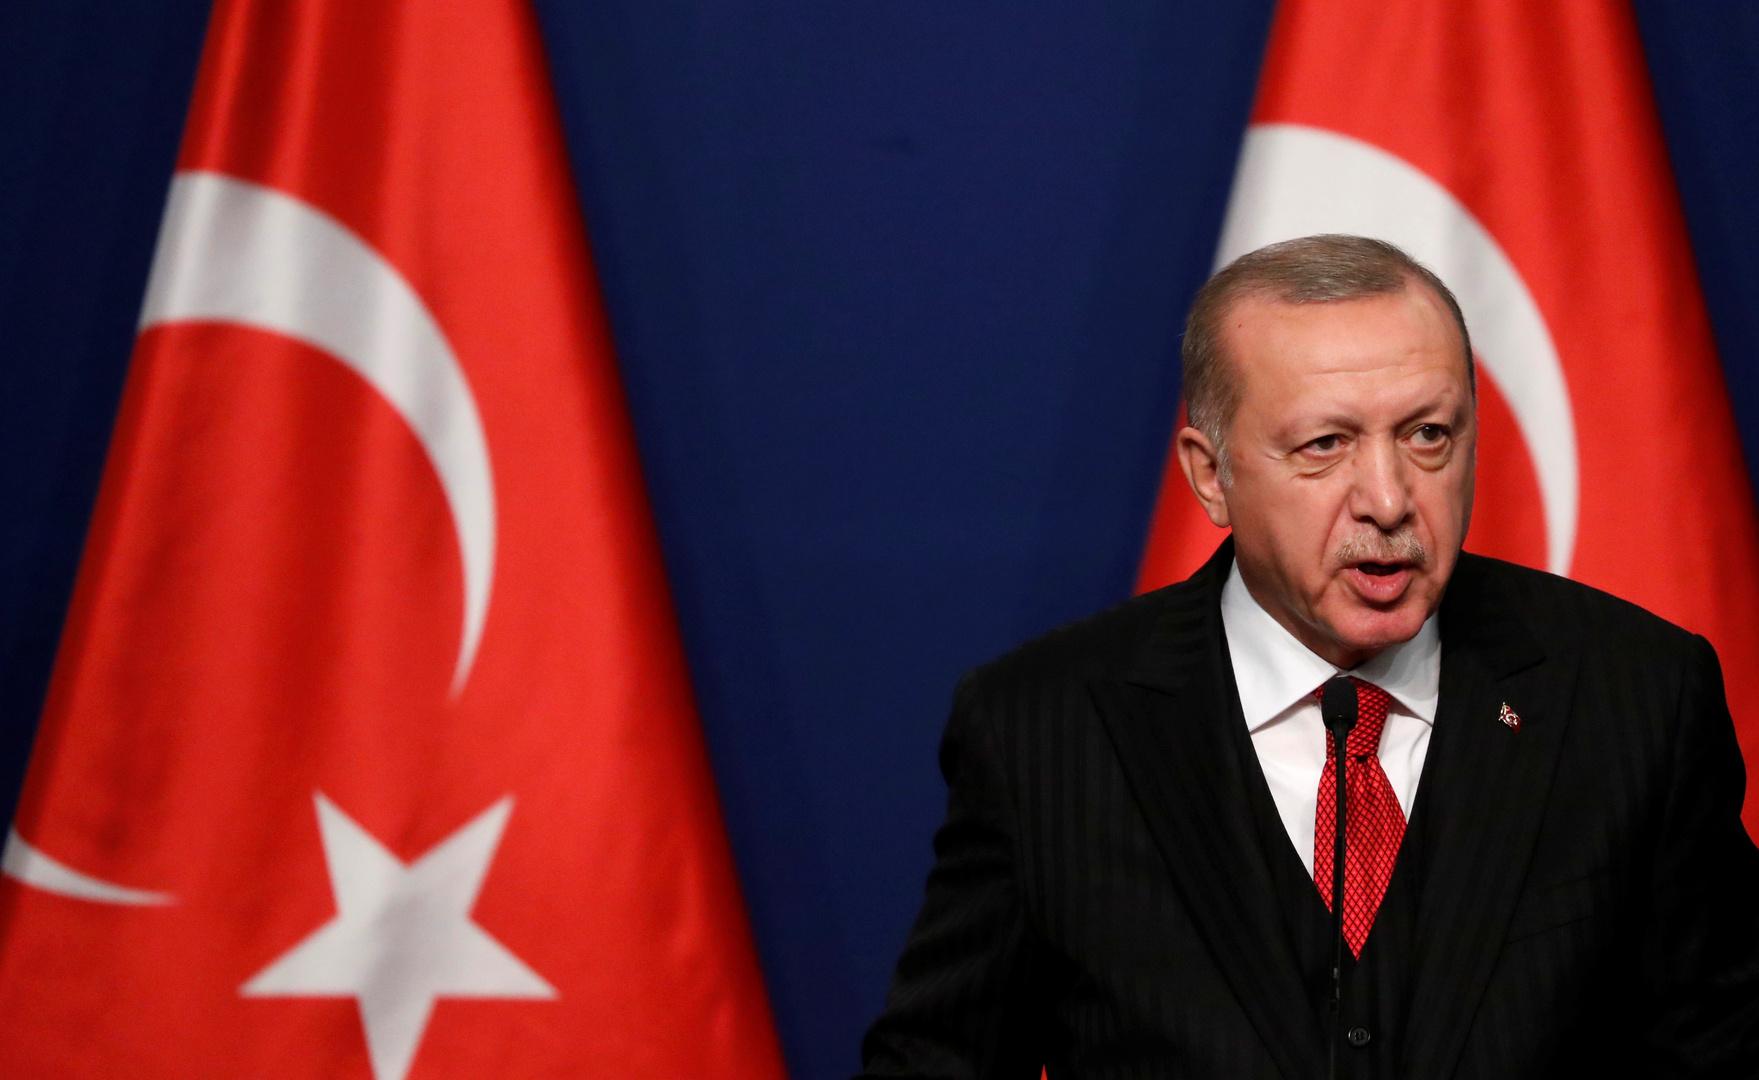 أردوغان: يمكننا جعل مصادر الطاقة شرقي المتوسط وسيلة للتعاون عوضا عن الصراع